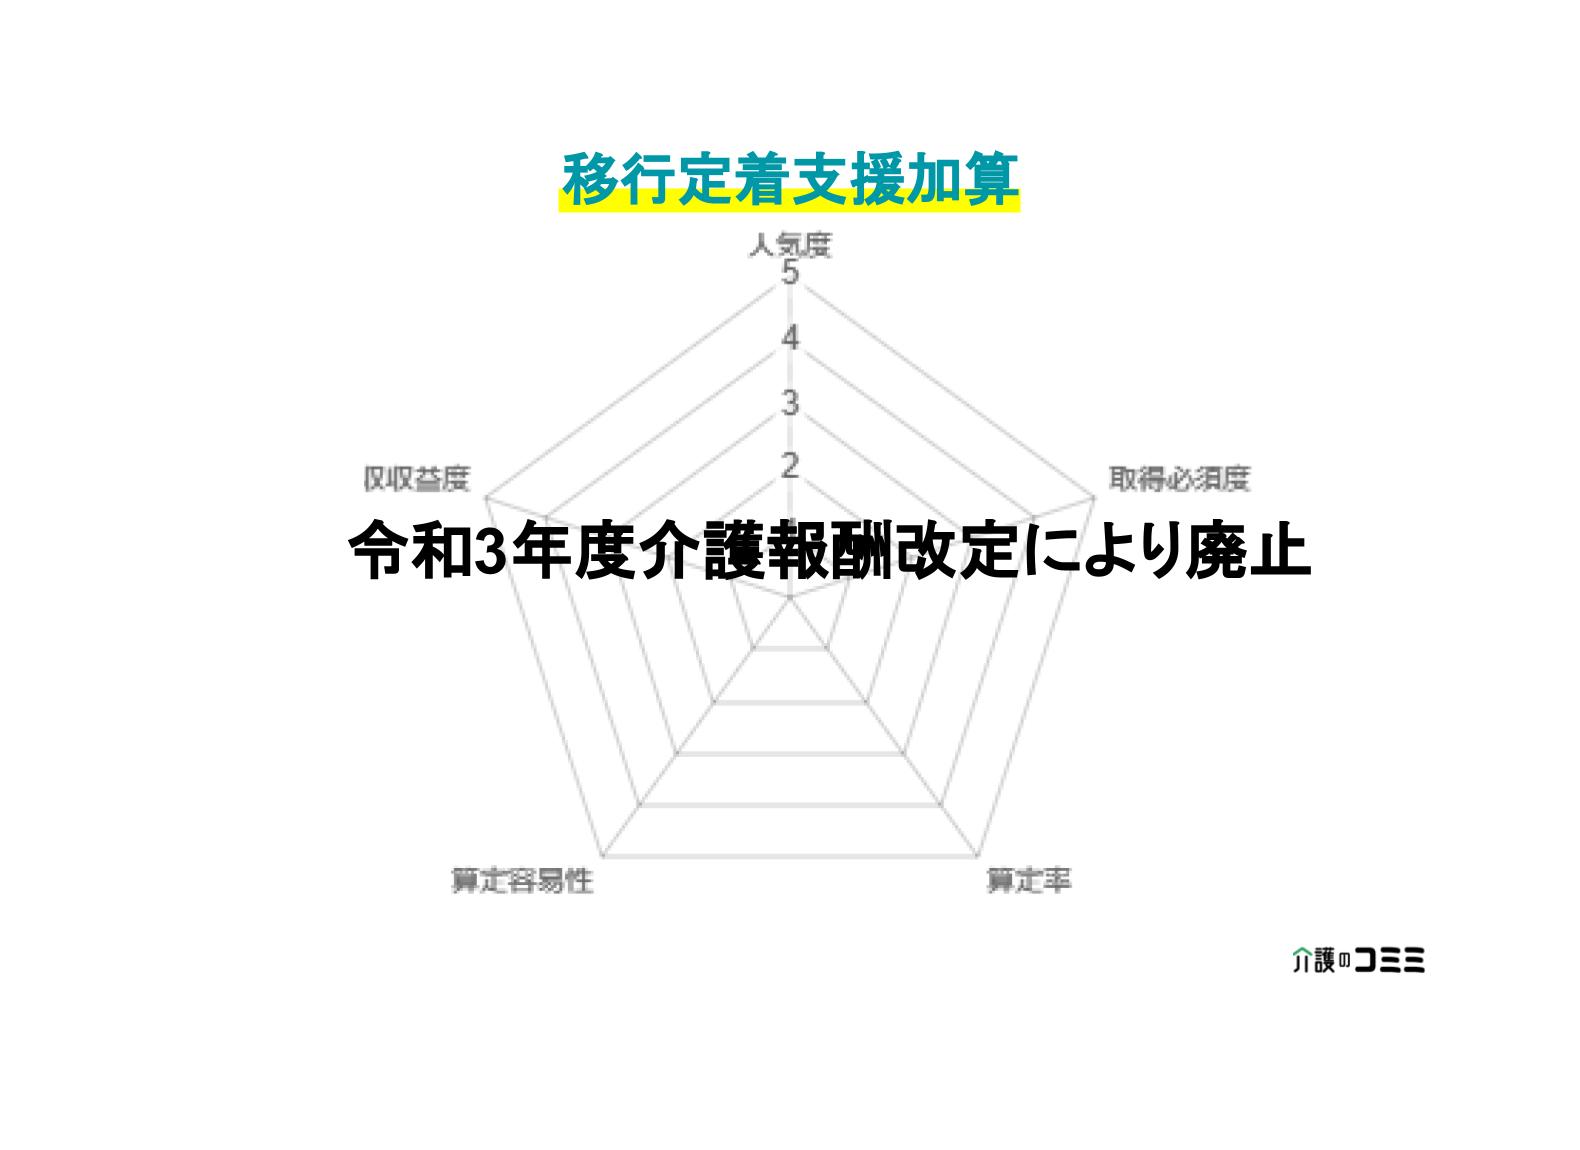 【加算ランキング】移行定着支援加算とは?基礎から解説!